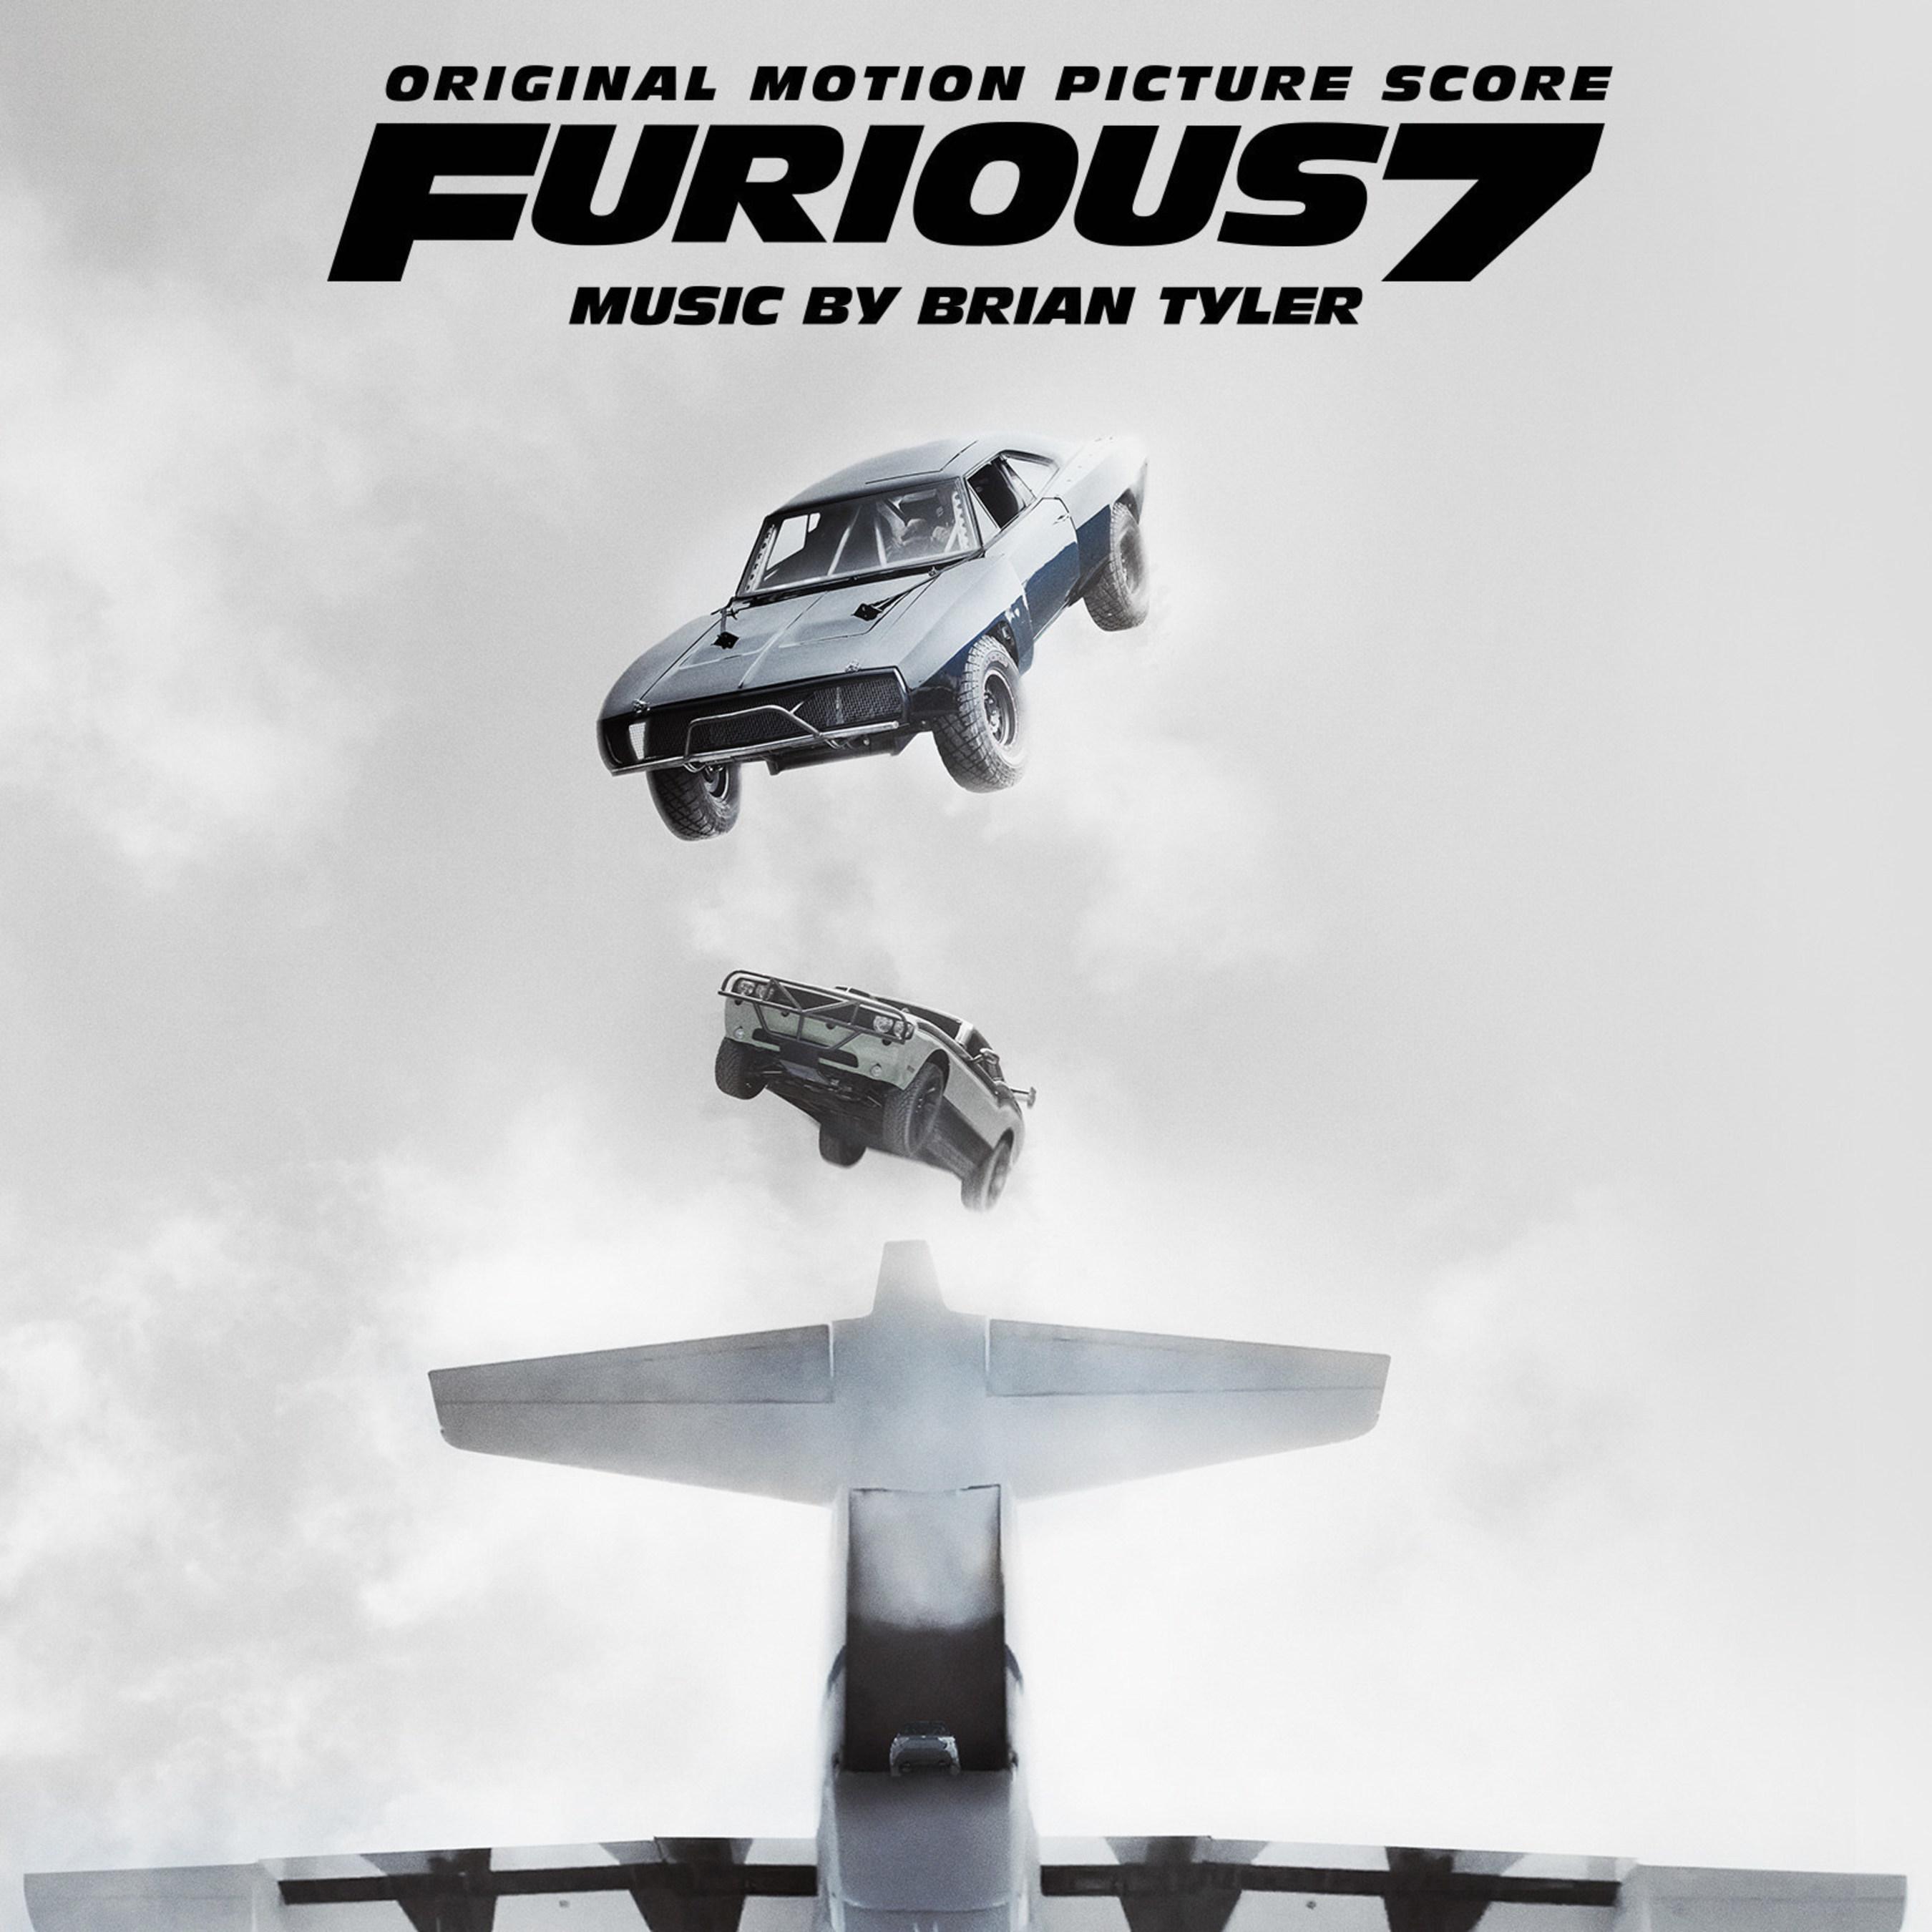 Furious 7 Original Motion Picture Score Album